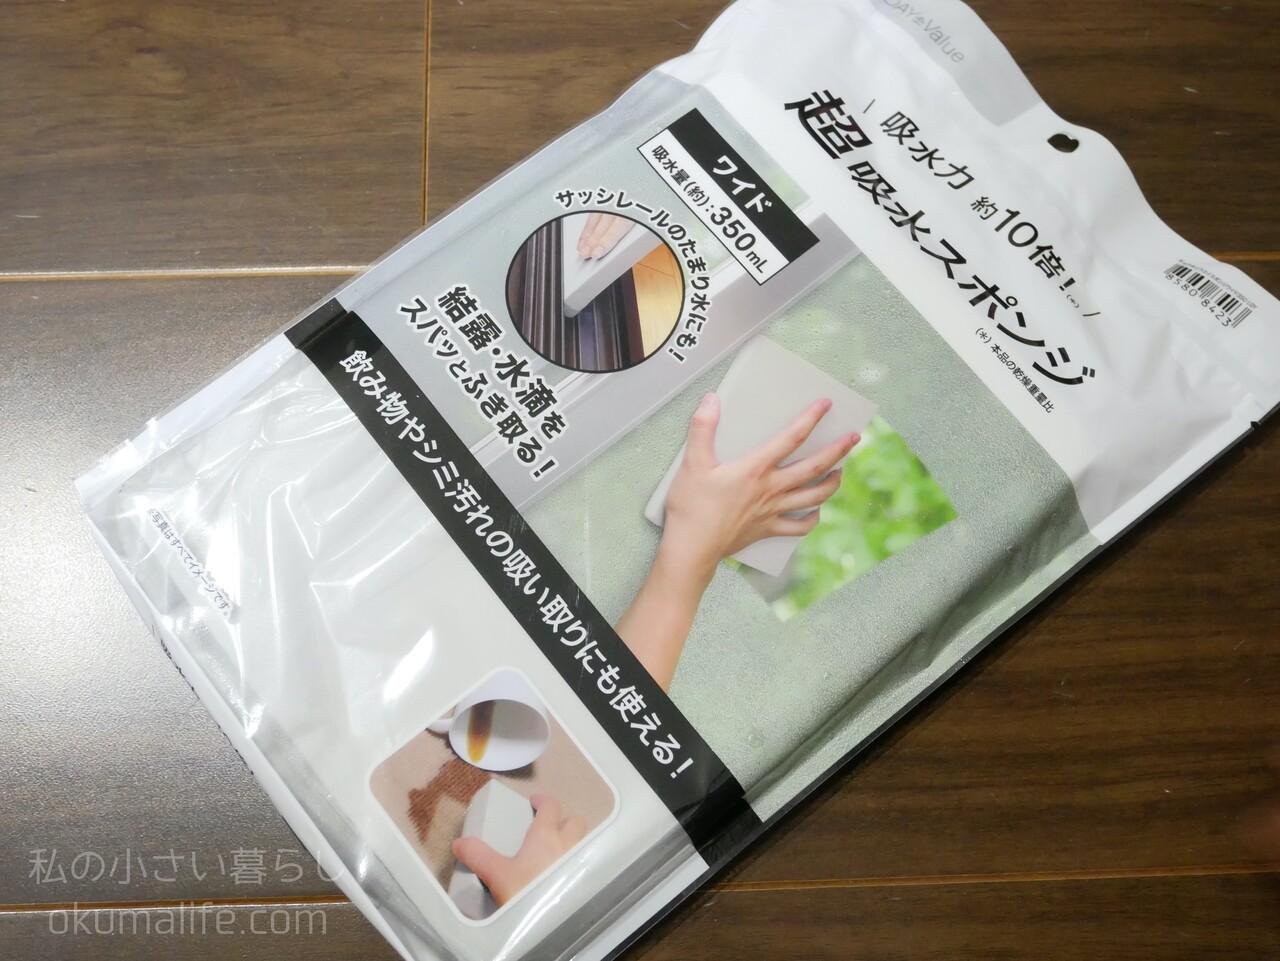 スポンジ ニトリ 吸水 100均&ニトリで掃除を効率化!デキる主婦がリピ買いしてるおすすめ商品